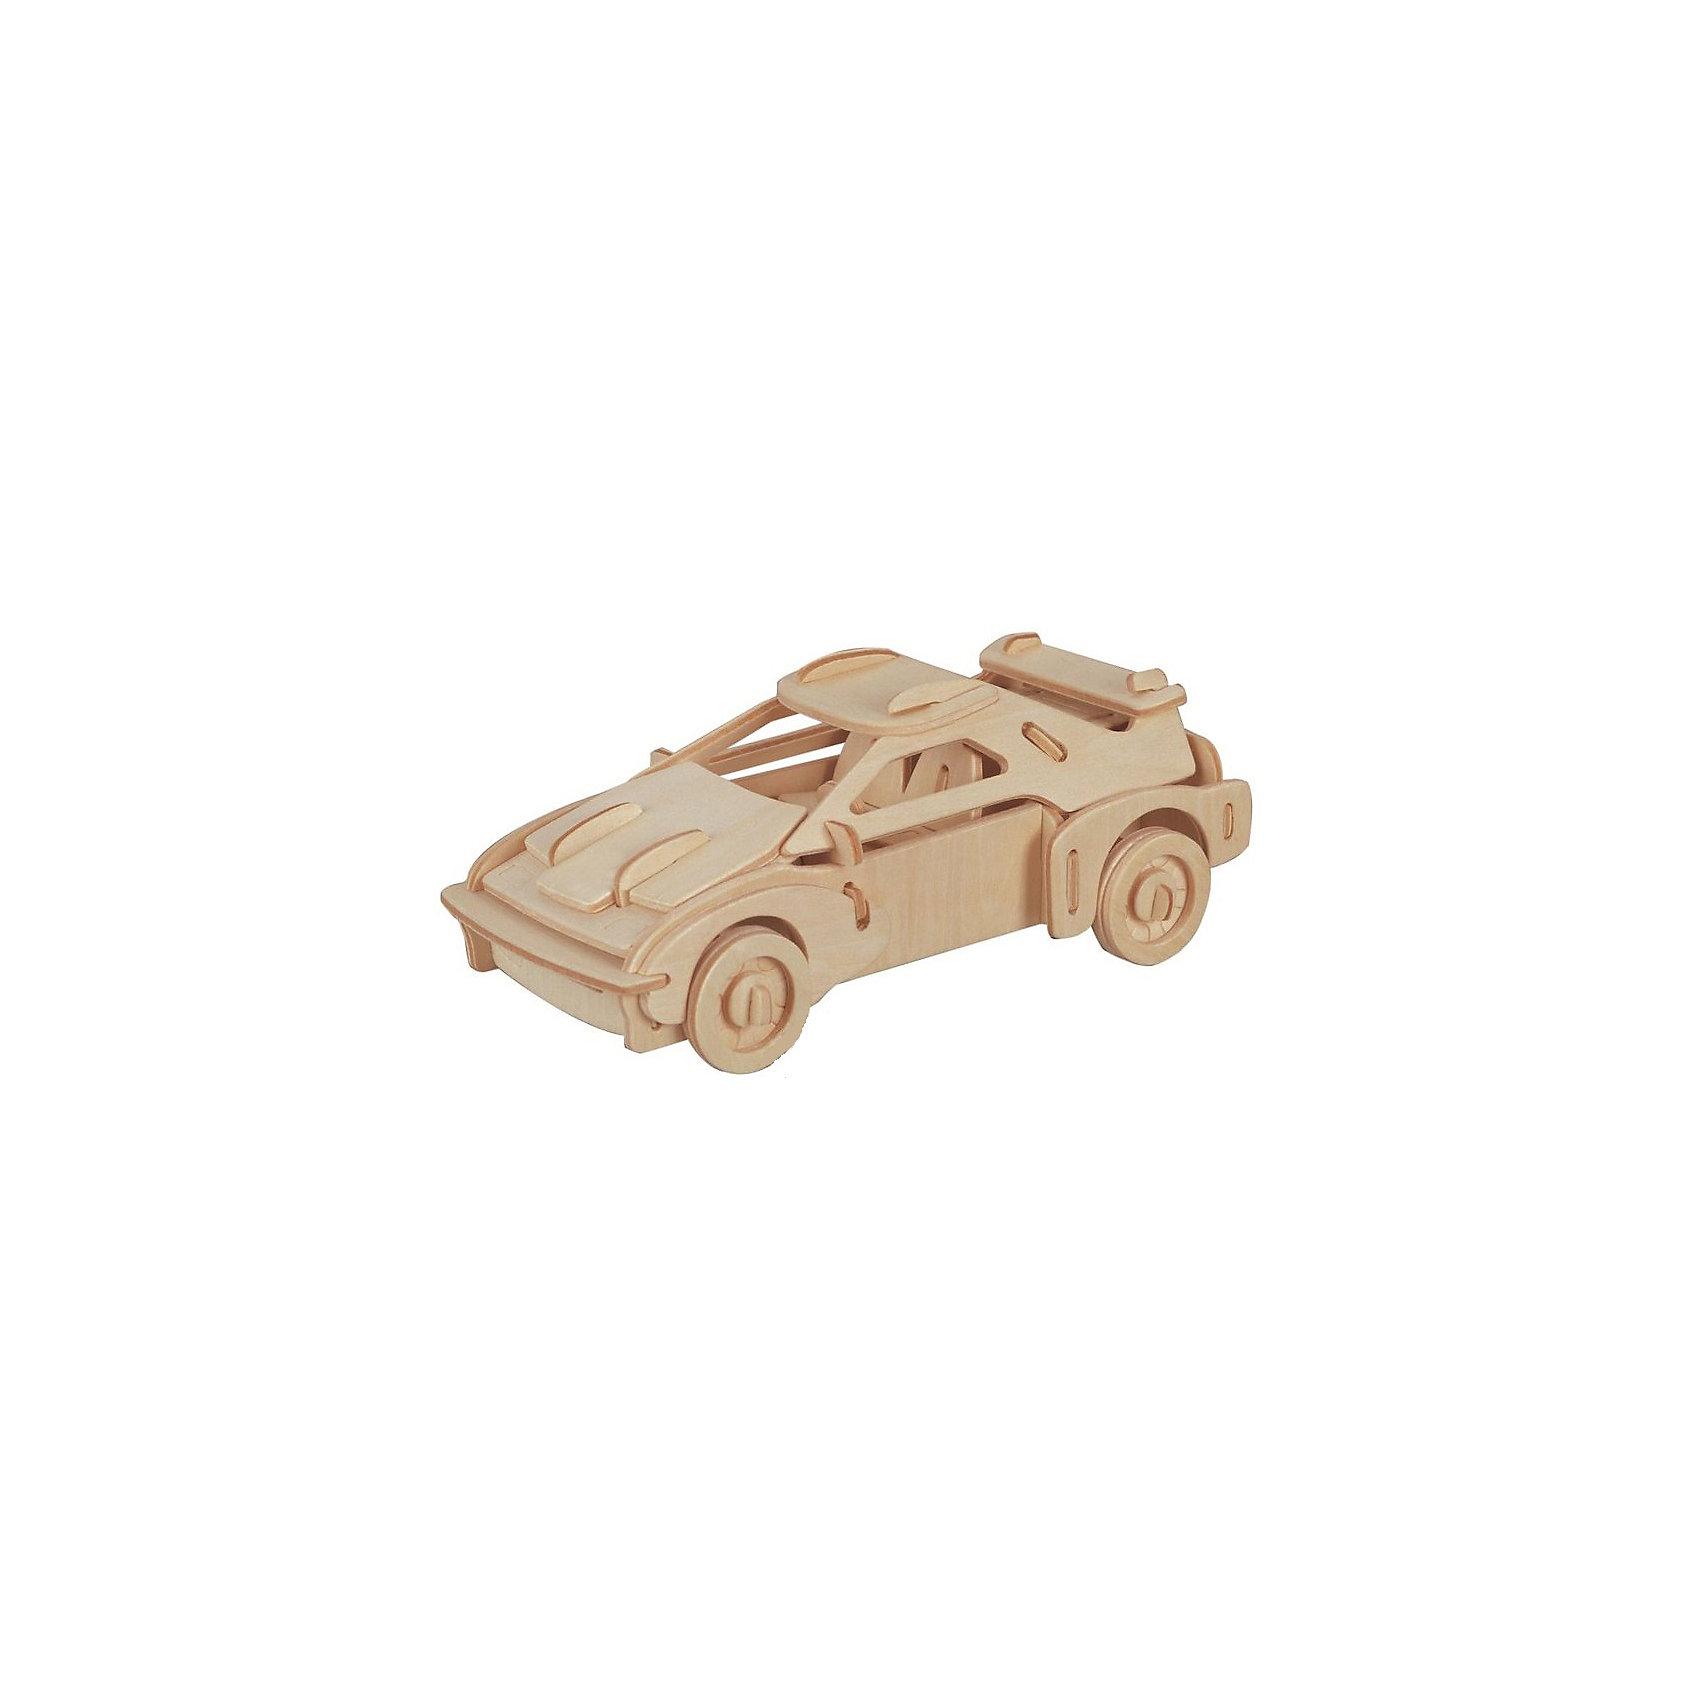 Феррари, Мир деревянных игрушекРукоделие<br>Порадовать любящего машины творческого ребенка - легко! Подарите ему этот набор, из которого можно самому сделать красивую деревянную фигуру. Для этого нужно выдавить из пластины с деталями элементы для сборки и соединить их. Из наборов получаются красивые очень реалистичные игрушки, которые могут стать украшением комнаты.<br>Собирая их, ребенок будет развивать пространственное мышление, память и мелкую моторику. А раскрашивая готовое произведение, дети научатся подбирать цвета и будут развивать художественные навыки. Этот набор произведен из качественных и безопасных для детей материалов - дерево тщательно обработано.<br><br>Дополнительная информация:<br><br>материал: дерево;<br>цвет: бежевый;<br>элементы: пластины с деталями для сборки, схема сборки;<br>размер упаковки: 23 х 37 см.<br><br>3D-пазл Феррари от бренда Мир деревянных игрушек можно купить в нашем магазине.<br><br>Ширина мм: 350<br>Глубина мм: 50<br>Высота мм: 225<br>Вес г: 350<br>Возраст от месяцев: 36<br>Возраст до месяцев: 144<br>Пол: Унисекс<br>Возраст: Детский<br>SKU: 4969152